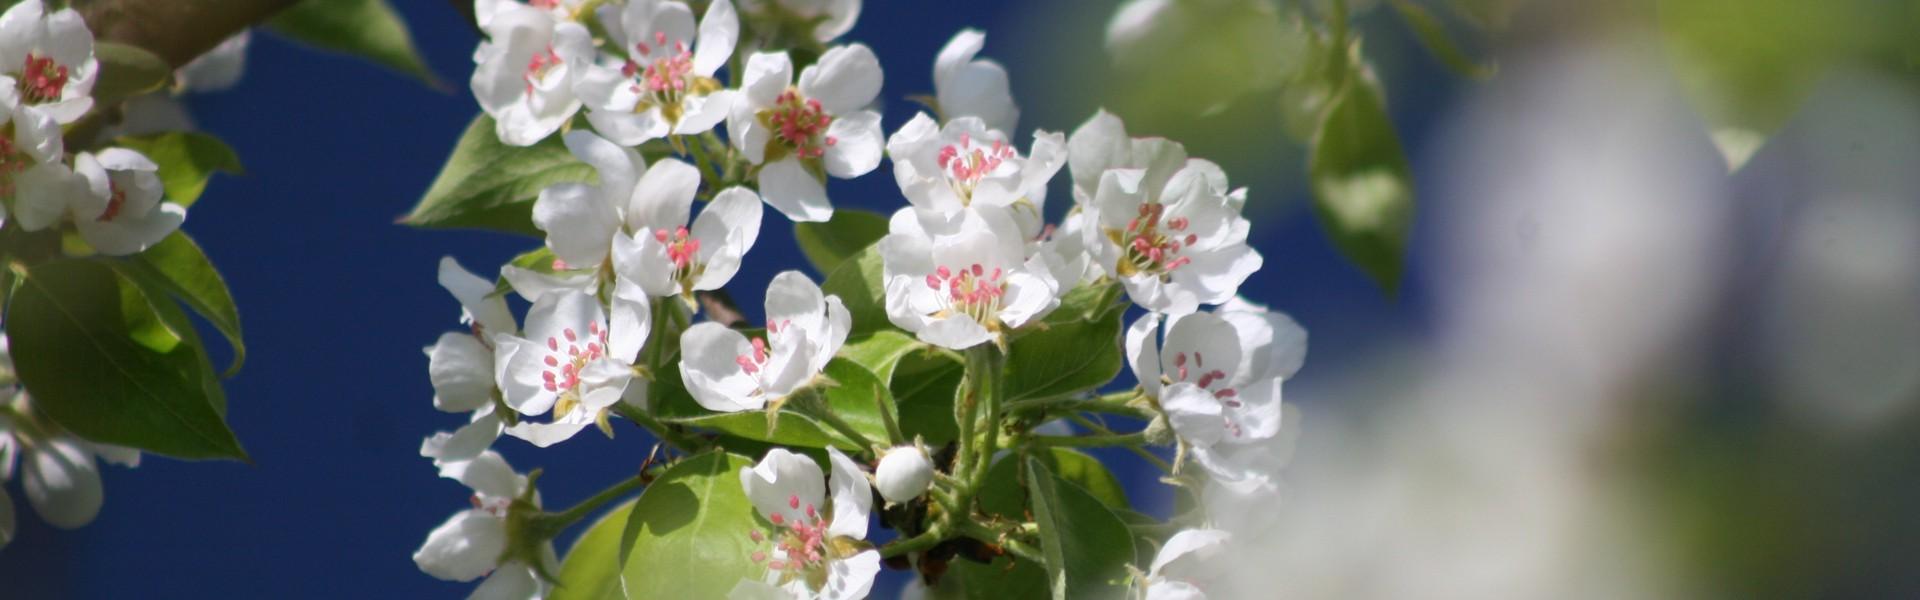 Apfelbaumblüte im Golf- und Landhotel Anetseder in Raßbach